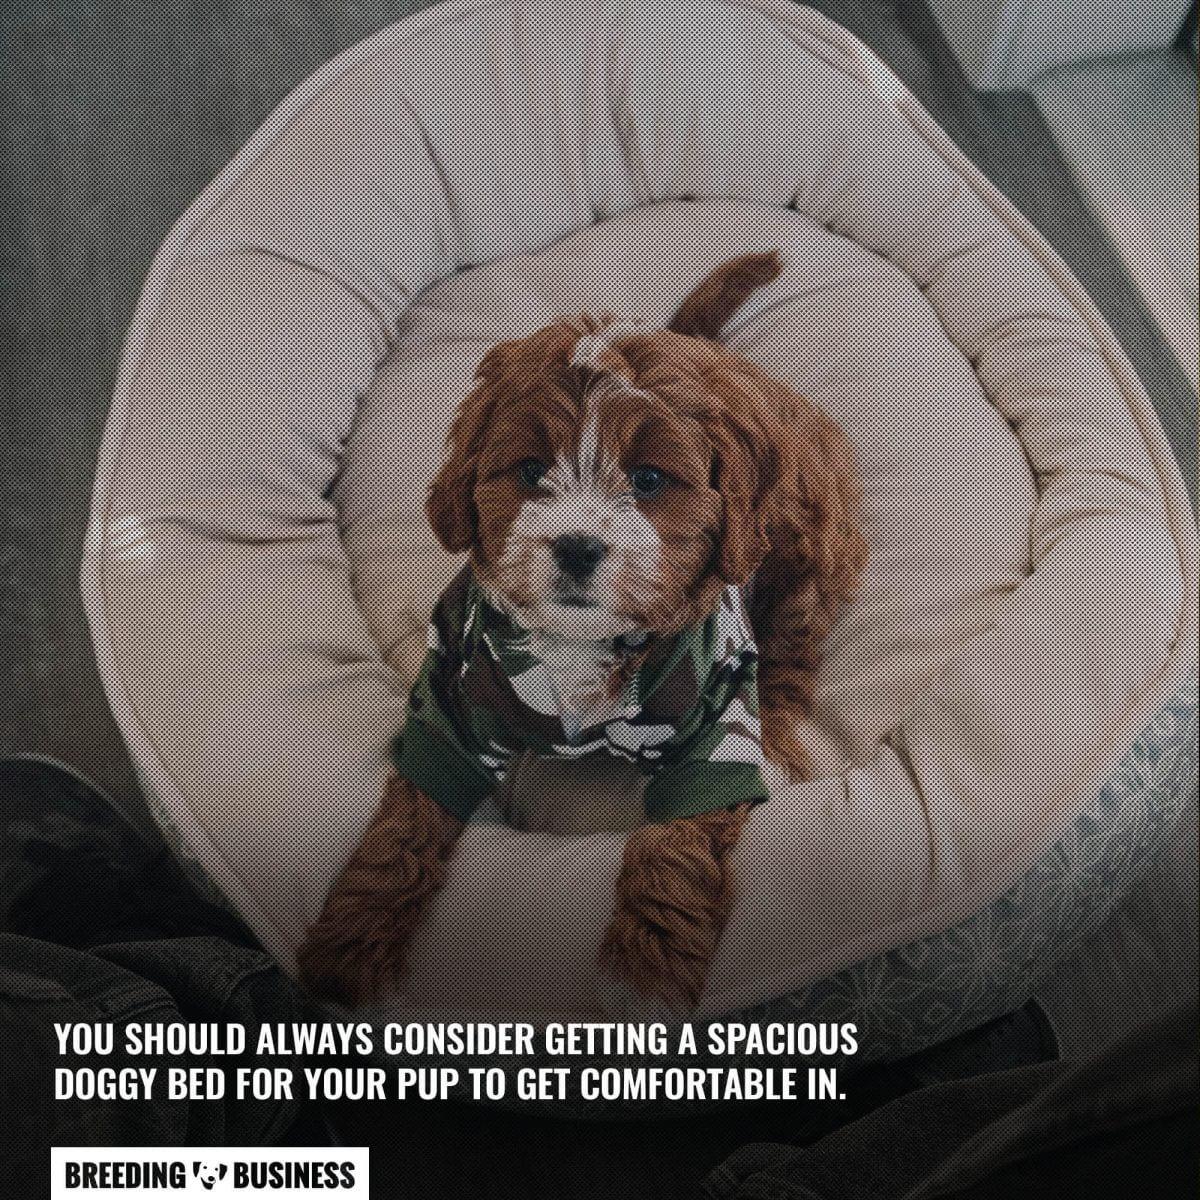 Spacious dog beds